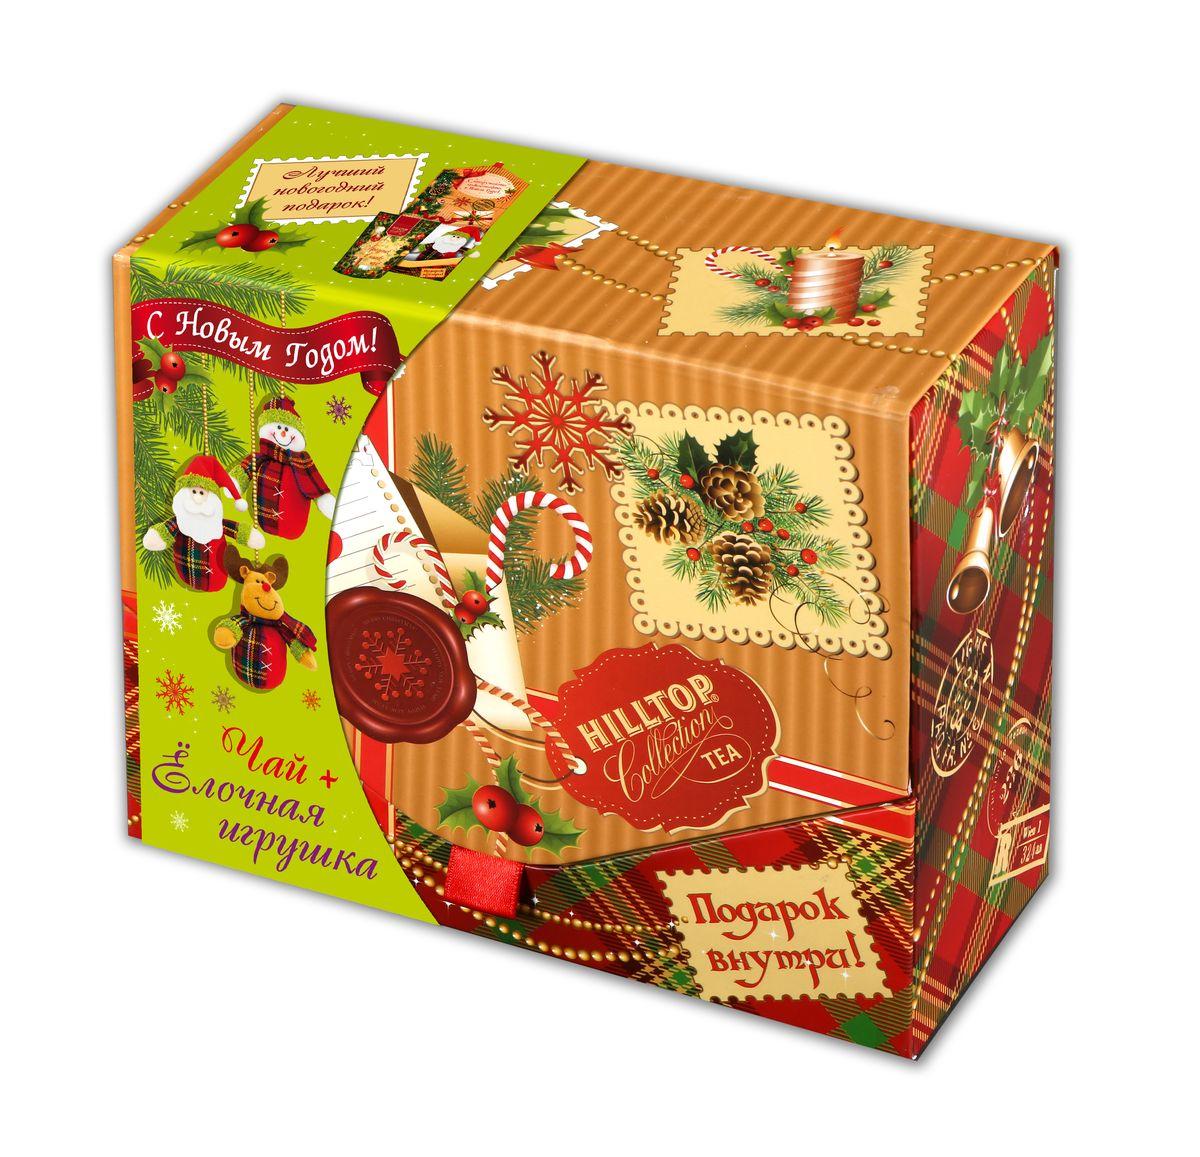 Hilltop Посылка от Деда Мороза чайный набор4607099303539Hilltop Посылка от Деда Мороза - черный байховый цейлонский чай в картонной подарочной упаковке. Внутри вы также найдете декоративную елочную игрушку. Набор может быть прекрасным подарком на новогодние праздники.